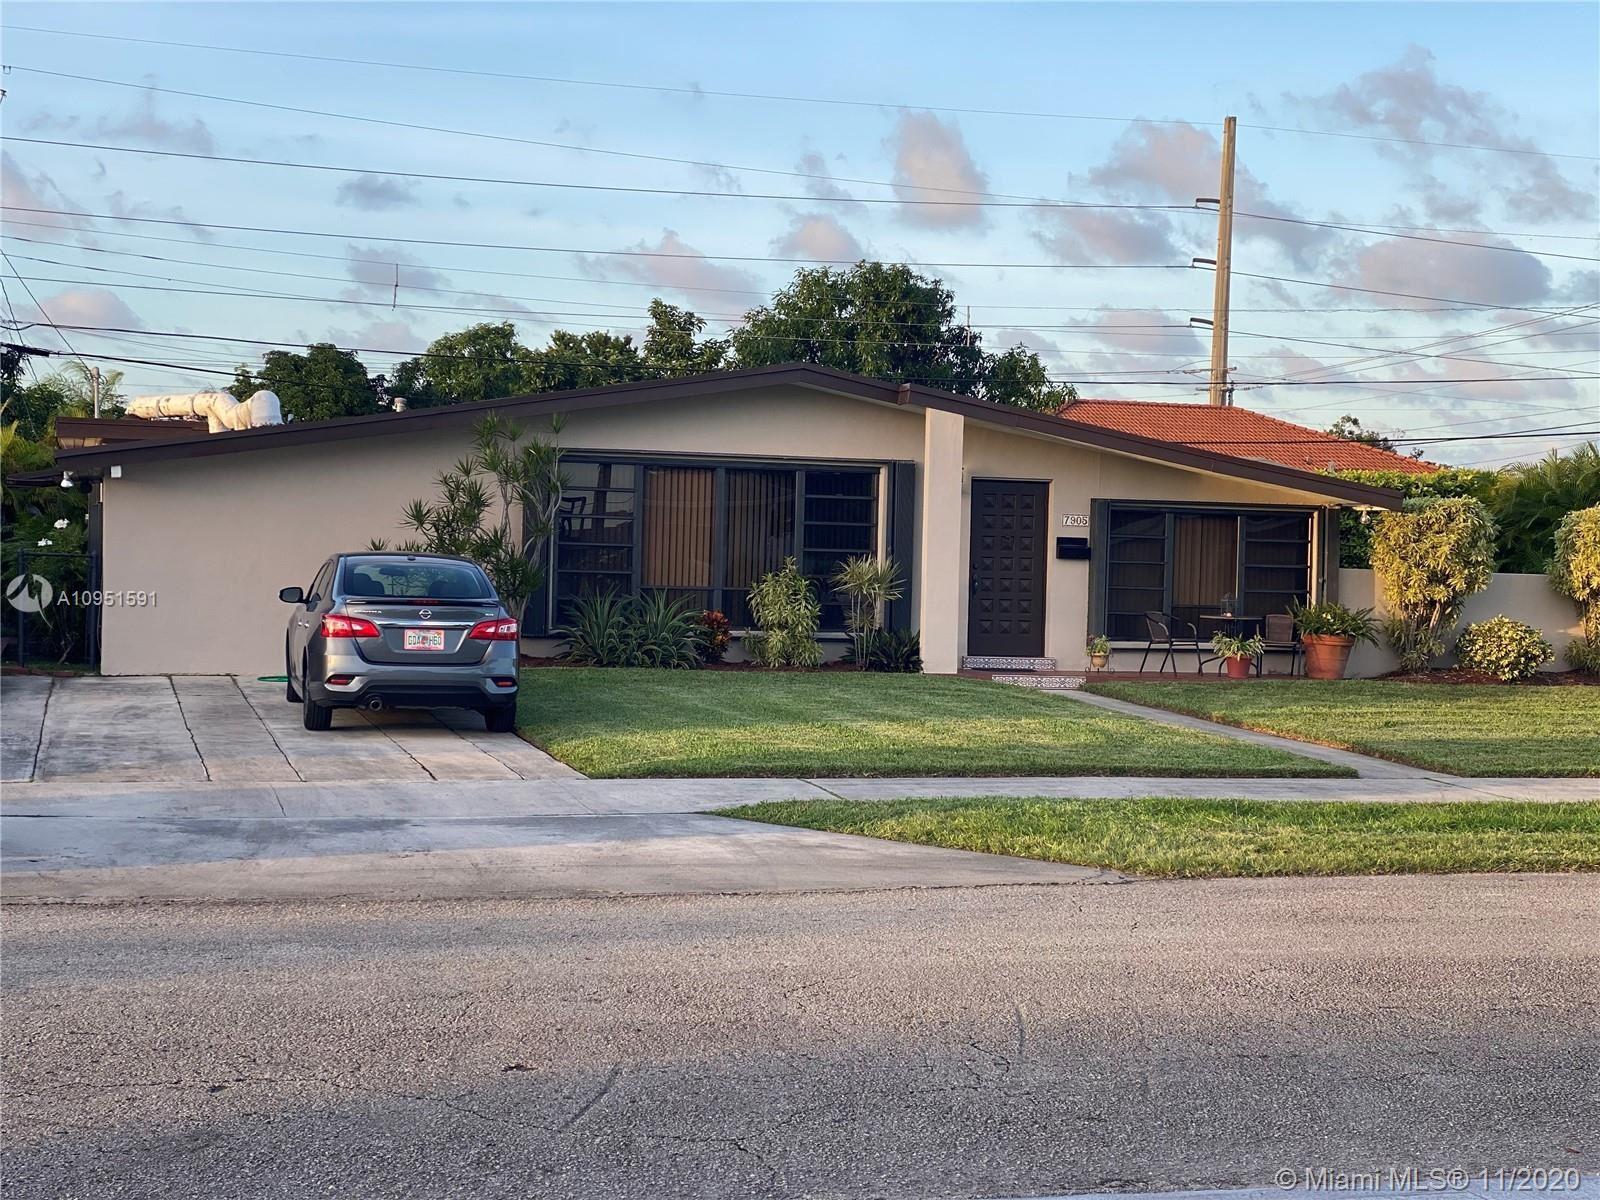 7905 SW 13th St, Miami, FL 33144 - #: A10951591